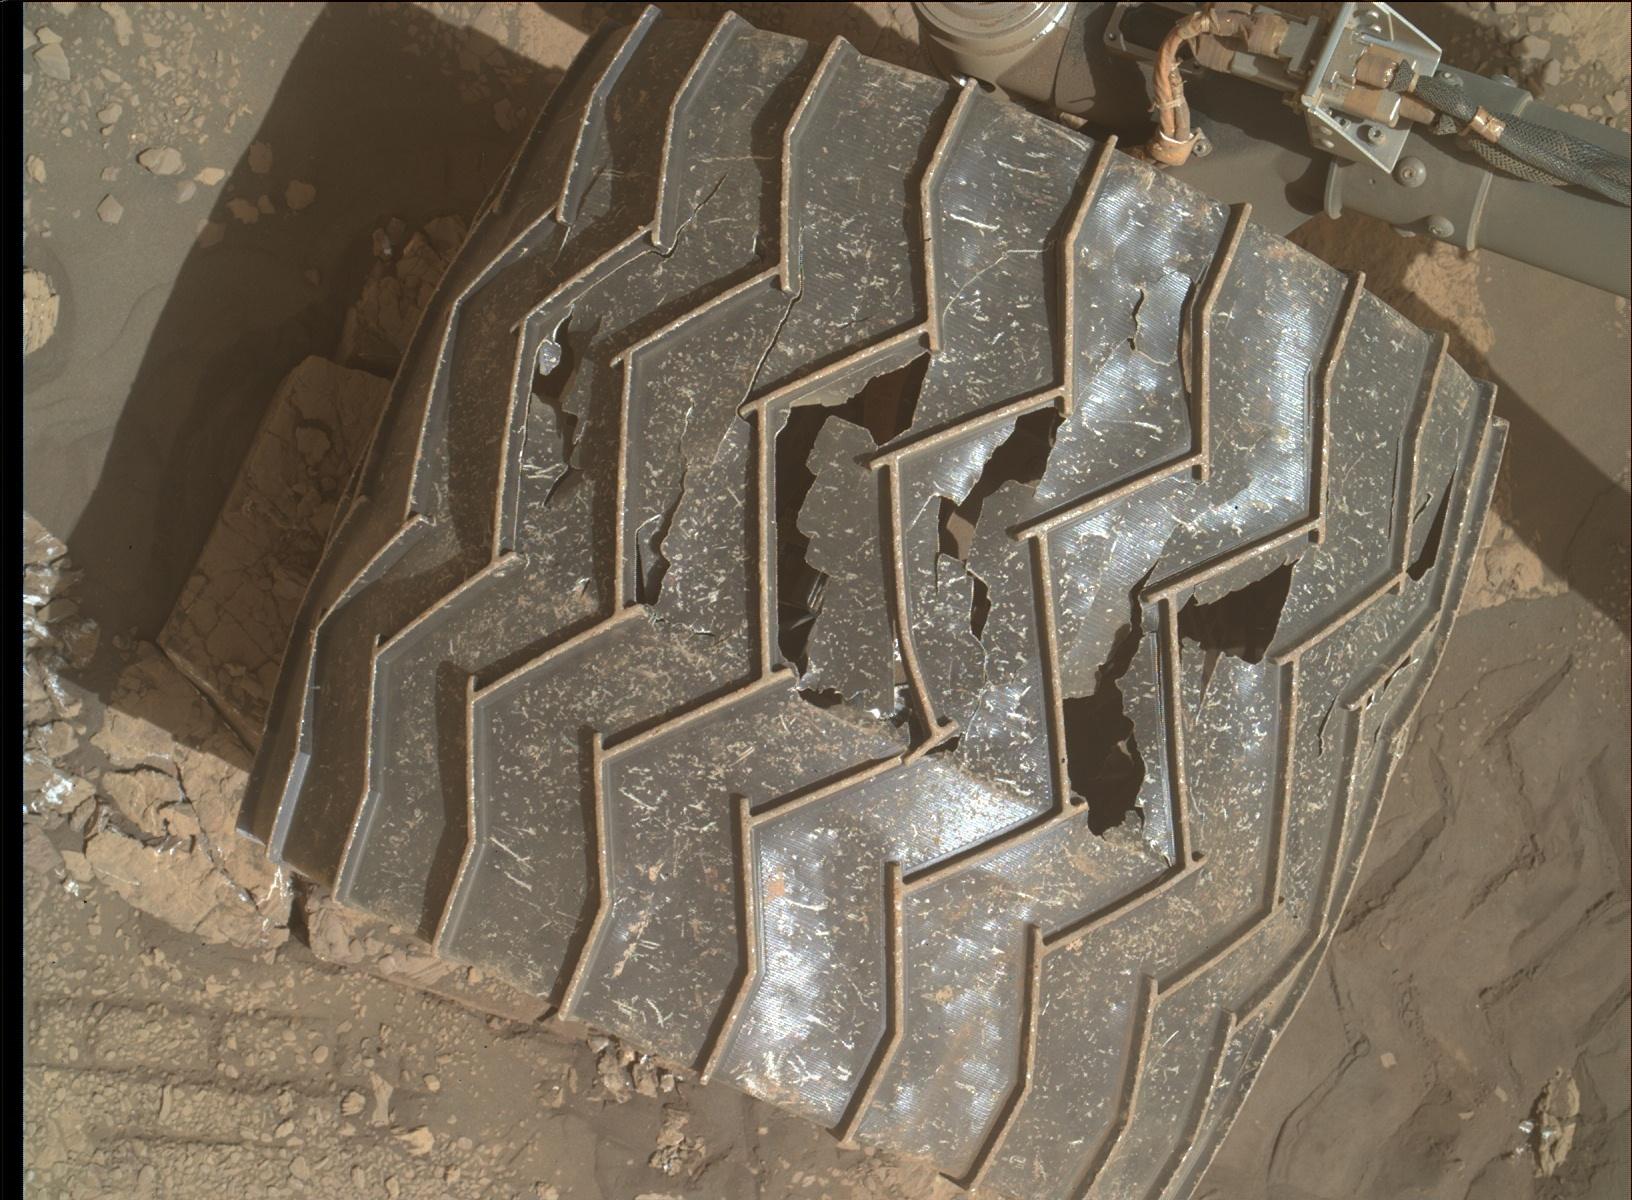 MARS: CURIOSITY u krateru  GALE Vol II. - Page 44 2459MH0007700010902109E01_DXXX